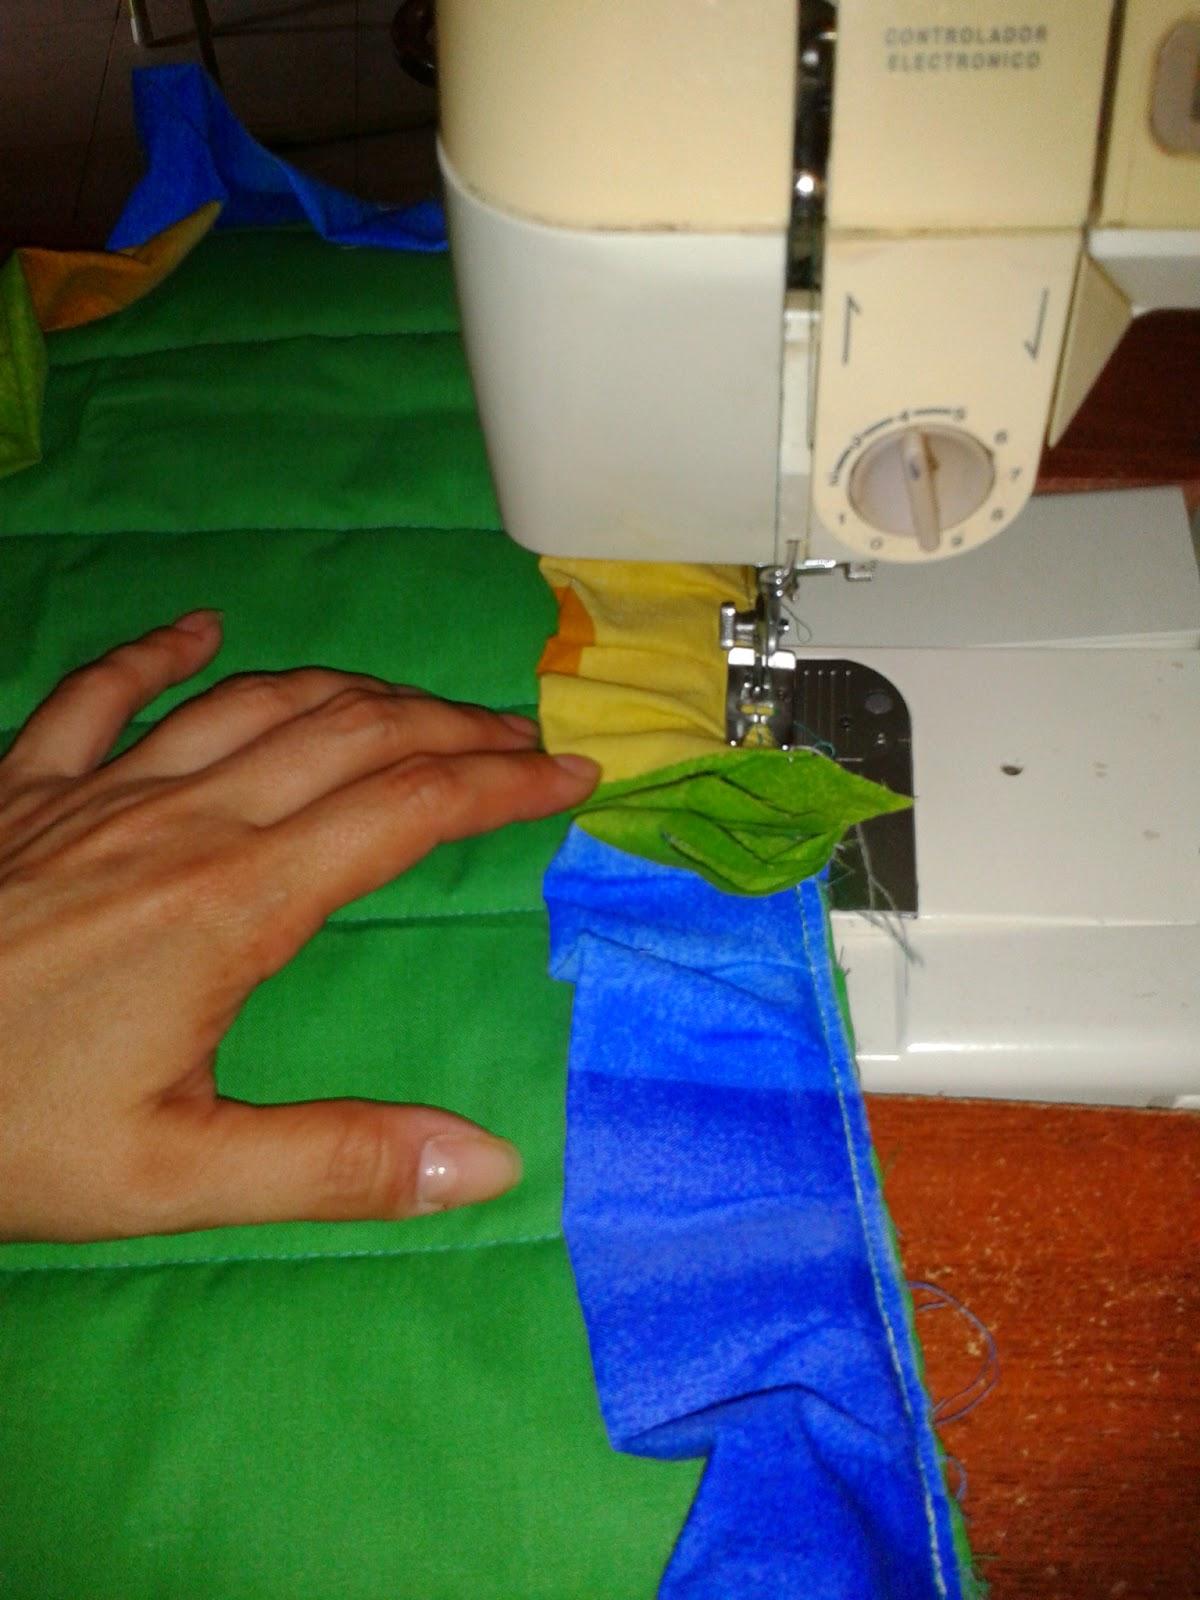 Juegos De Baño Sencillos: máquina de coser, cosiendoles los vuelitos a los juegos de baño